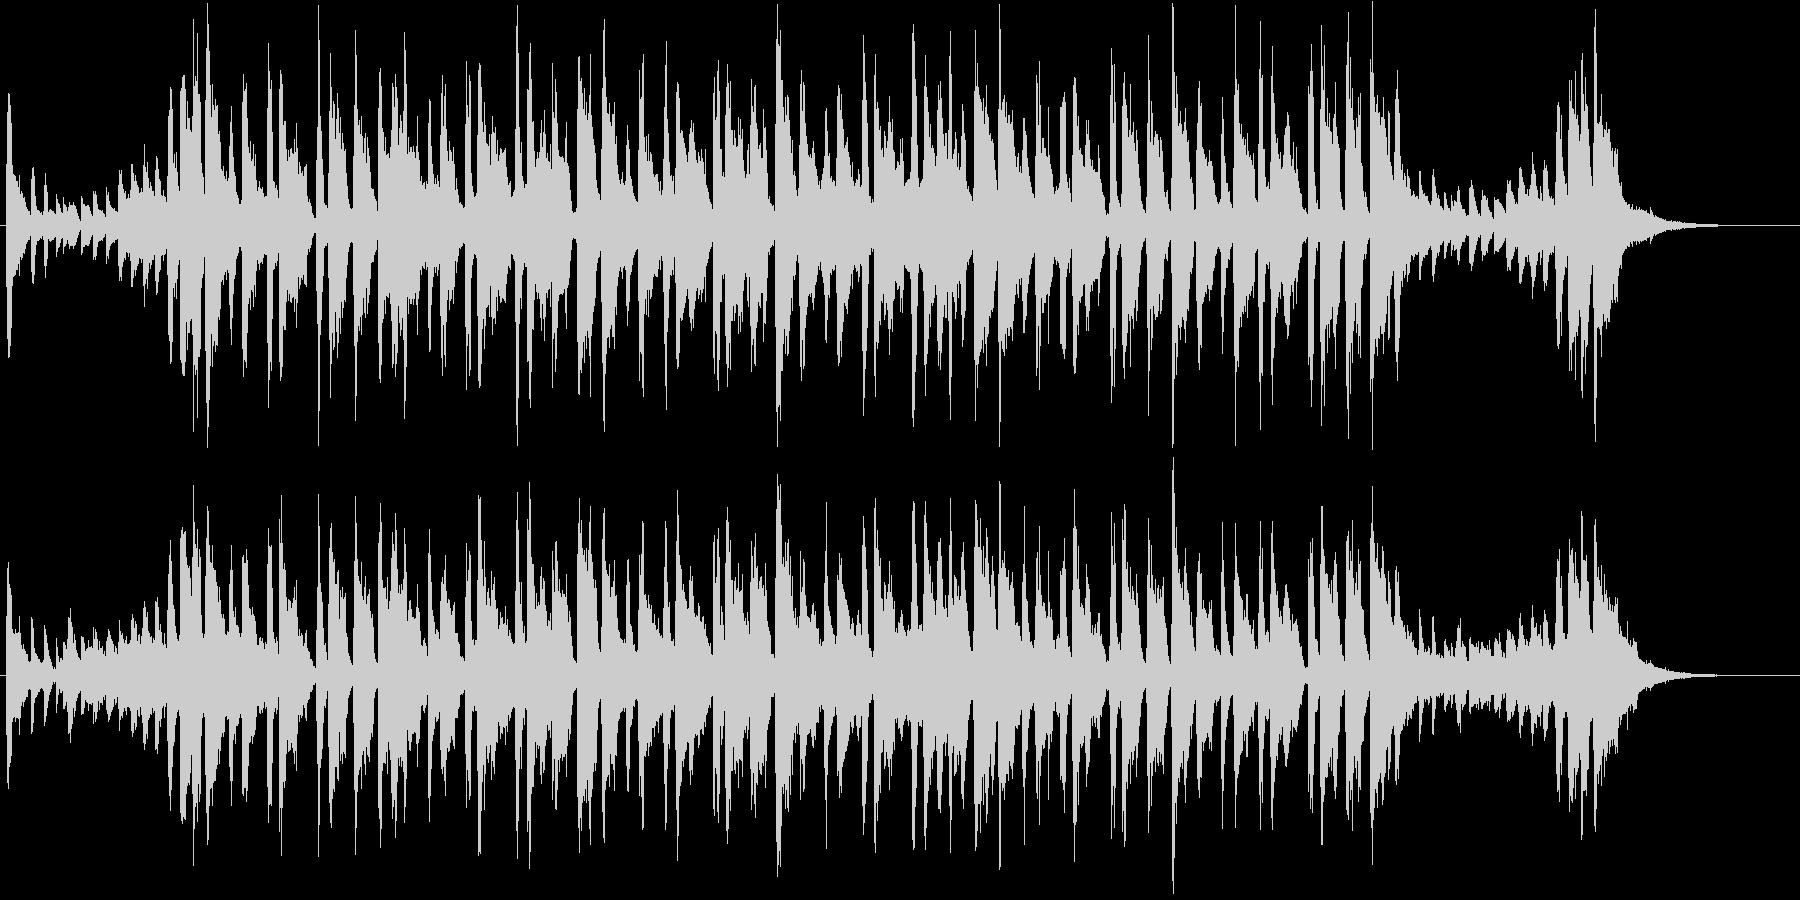 コミカルなロックブルース調ポップチューンの未再生の波形